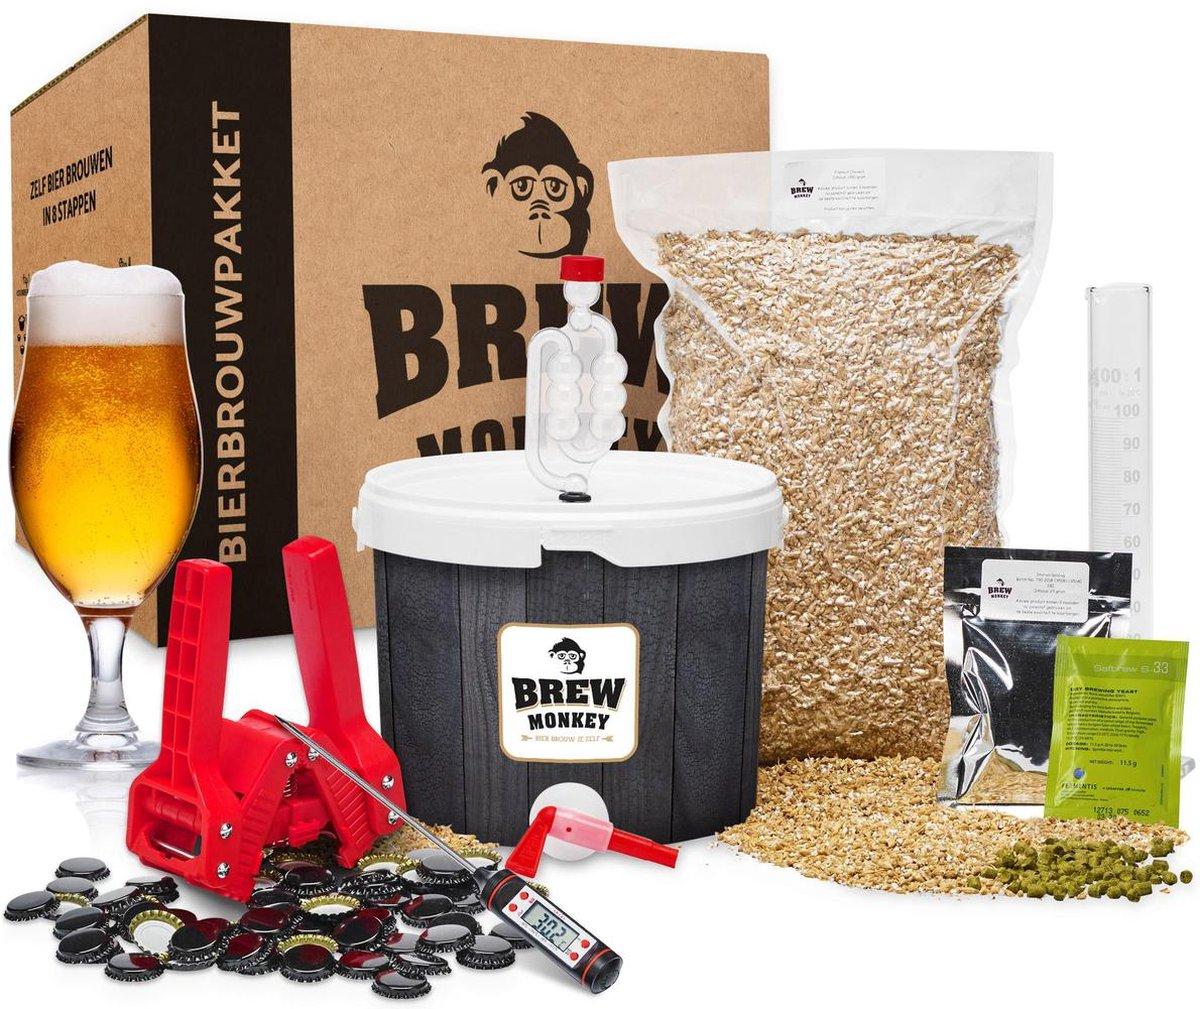 Brew Monkey Bierbrouwpakket - Compleet Blond bier - Brouwpakket